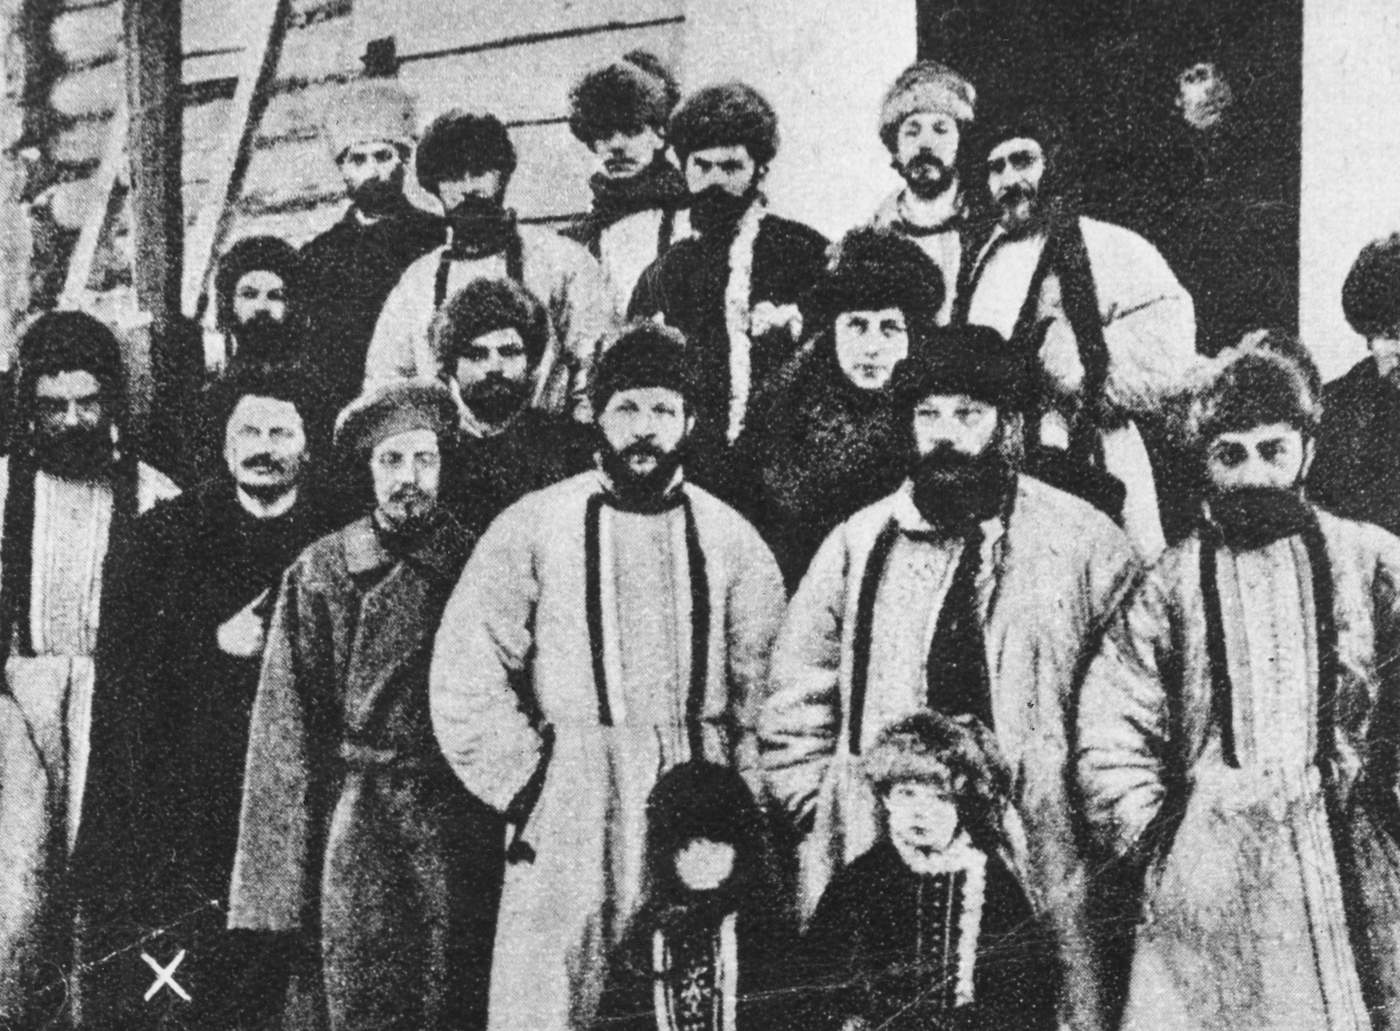 1905'teki St. Petersburg Sovyeti, 12 yıl sonra kurulacak Petrograd Sovyeti'ne ilham vermişti. Fotoğrafta Troçki önde, soldan ikinci sırada.